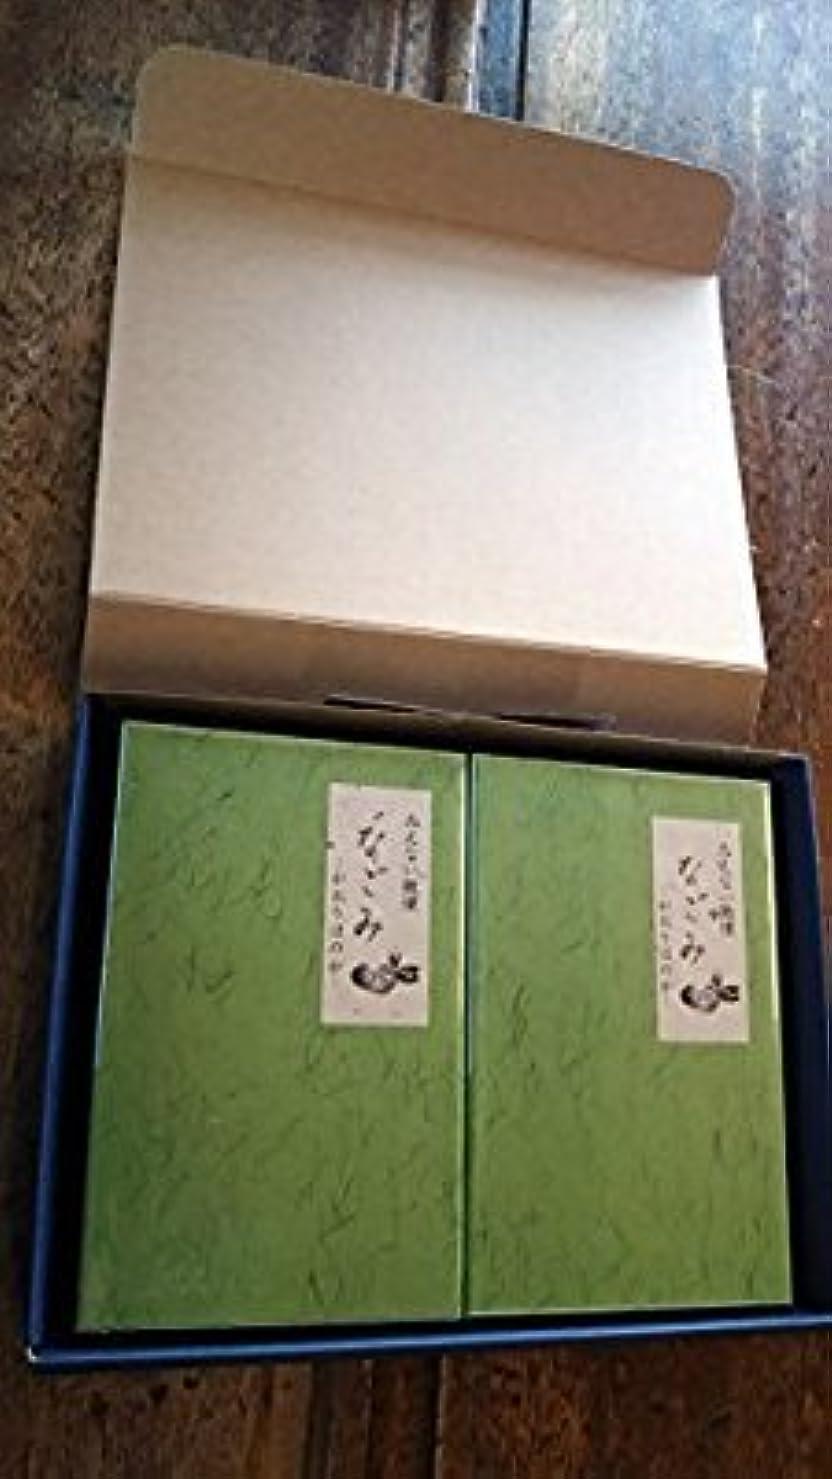 地上で浴理想的淡路梅薫堂のお線香 なごみ 135g お線香贈答用 お供え物 (1セット(2箱))